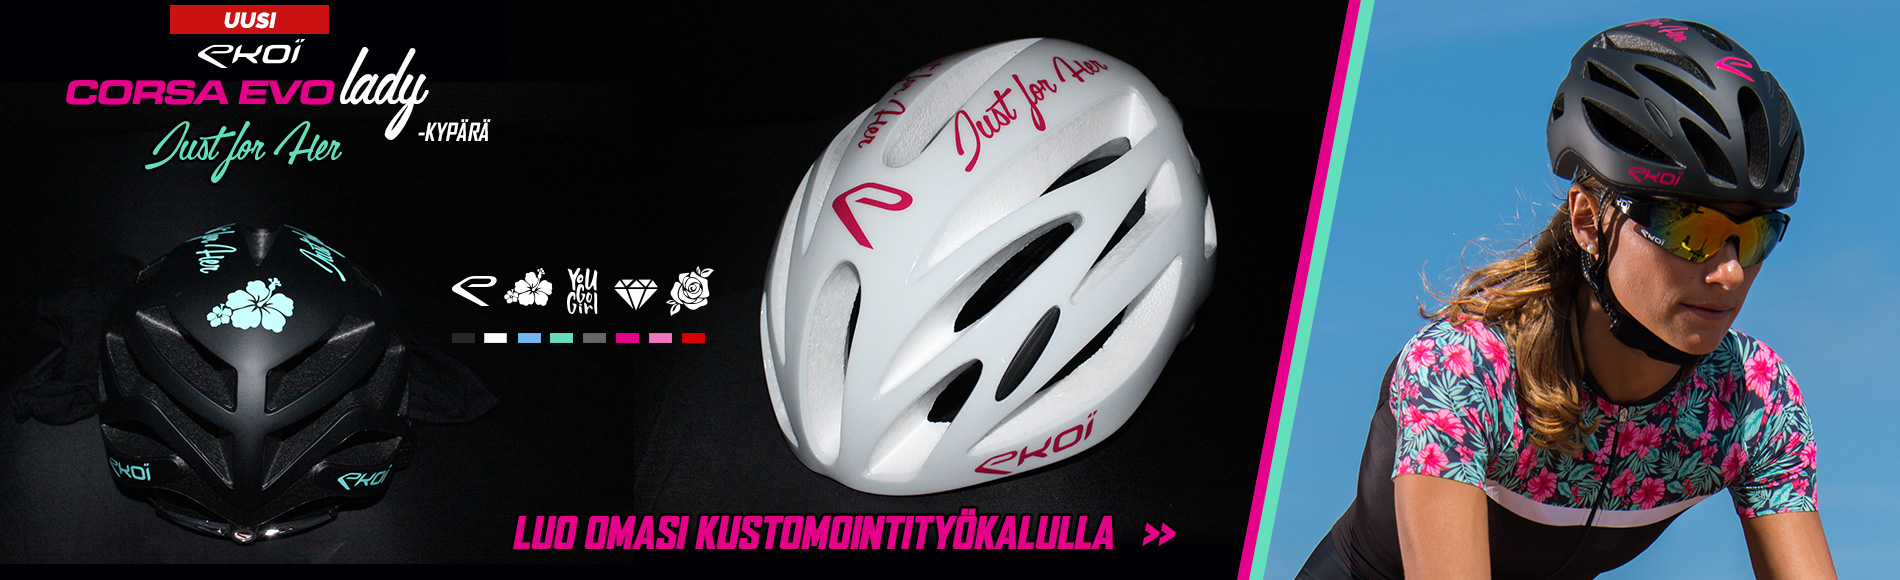 Nouveau casque vélo EKOI LADY personnalisable